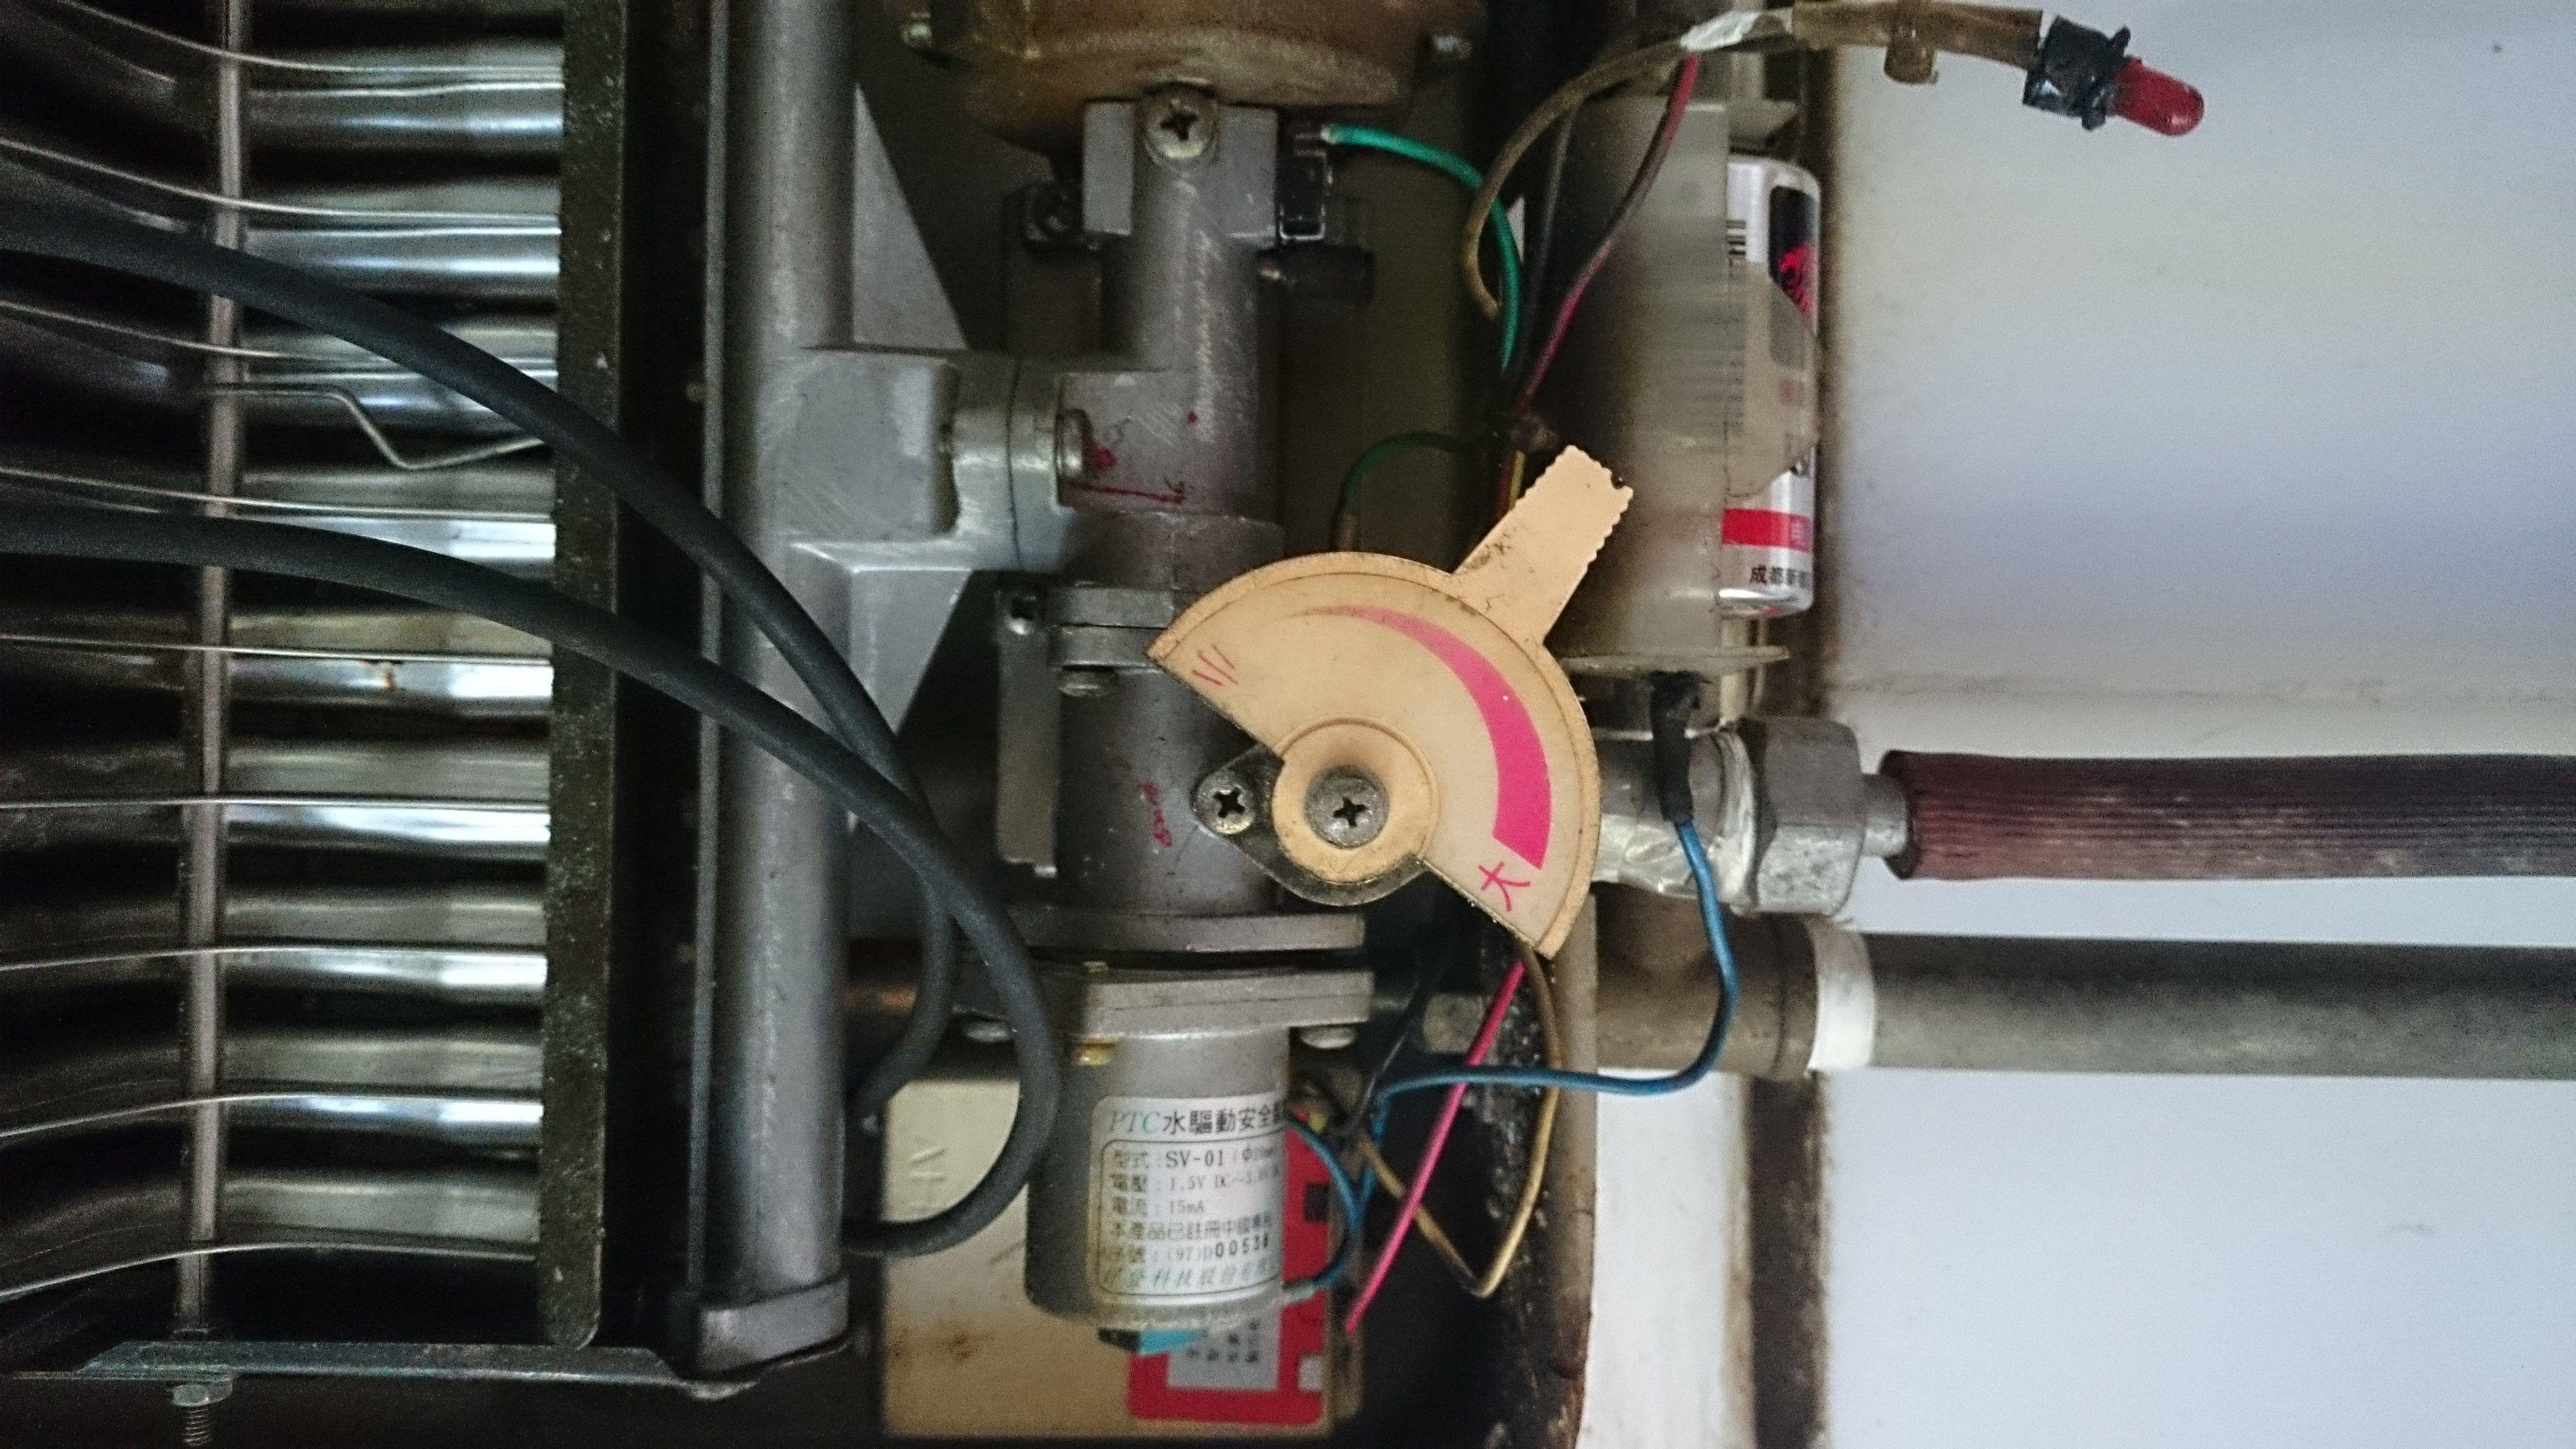 万和燃气热水器打不着火是水气联动阀损坏了 还是点火图片